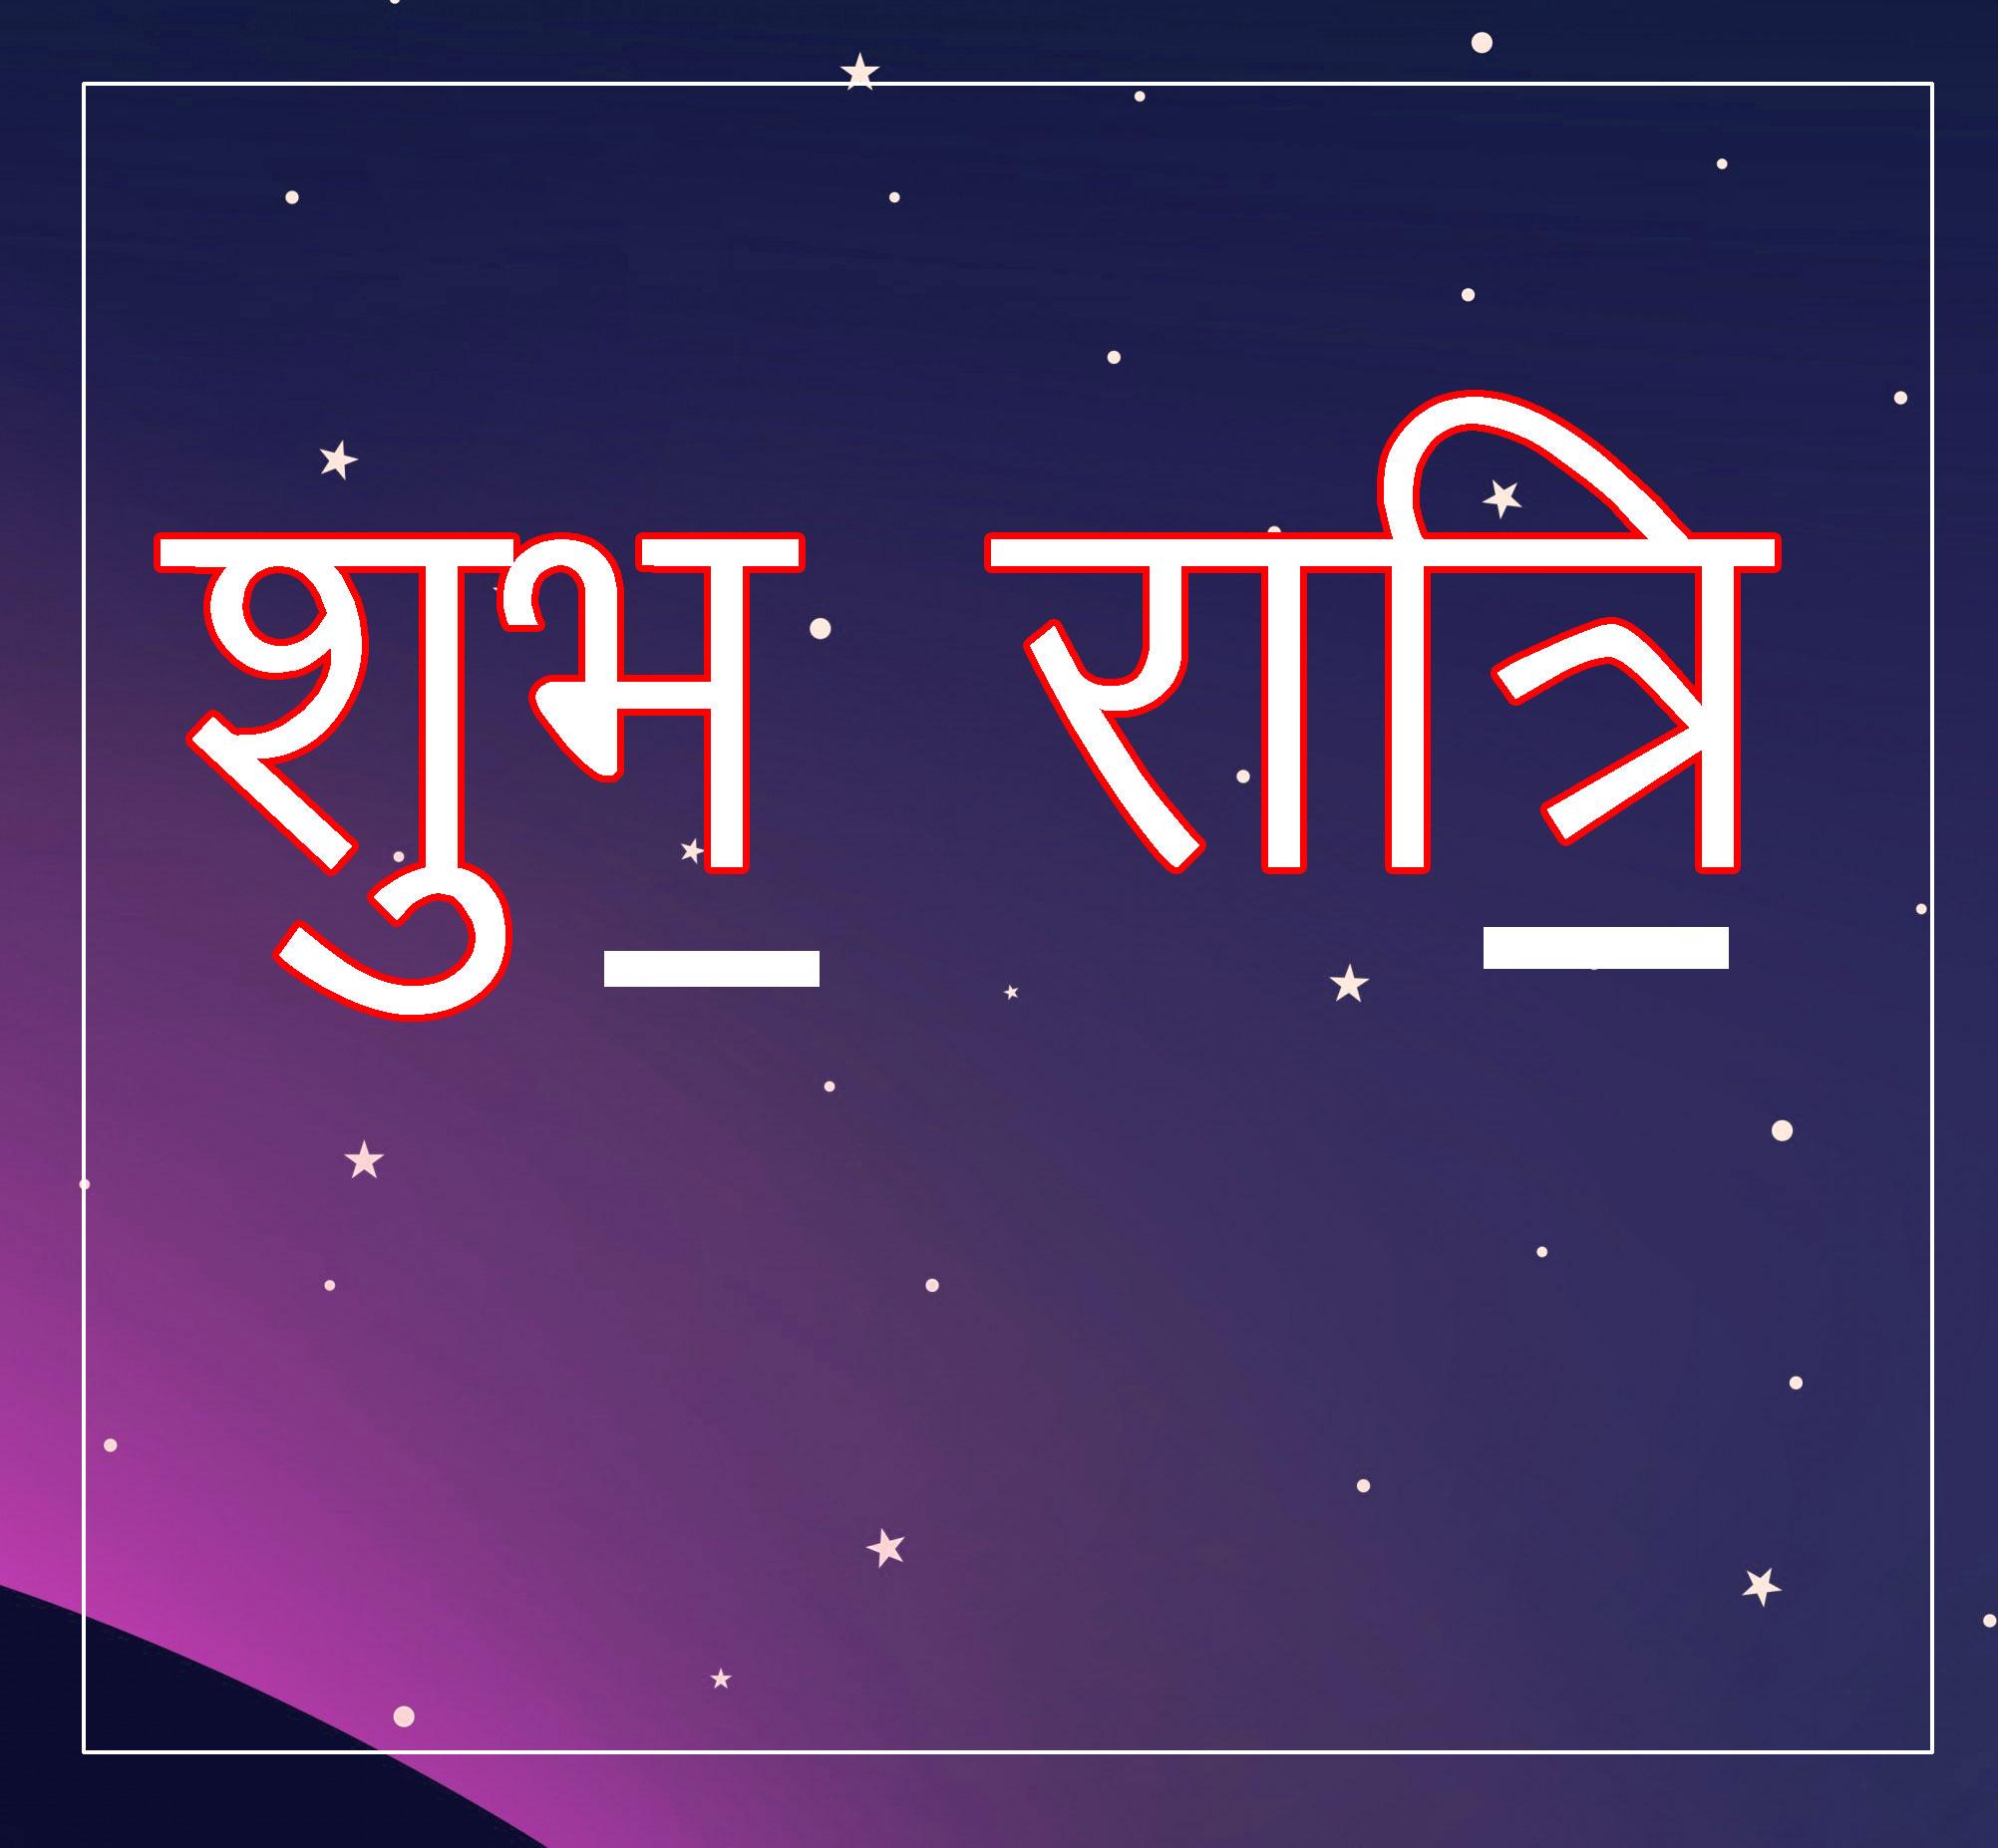 Shubh Ratri Wallpaper 42